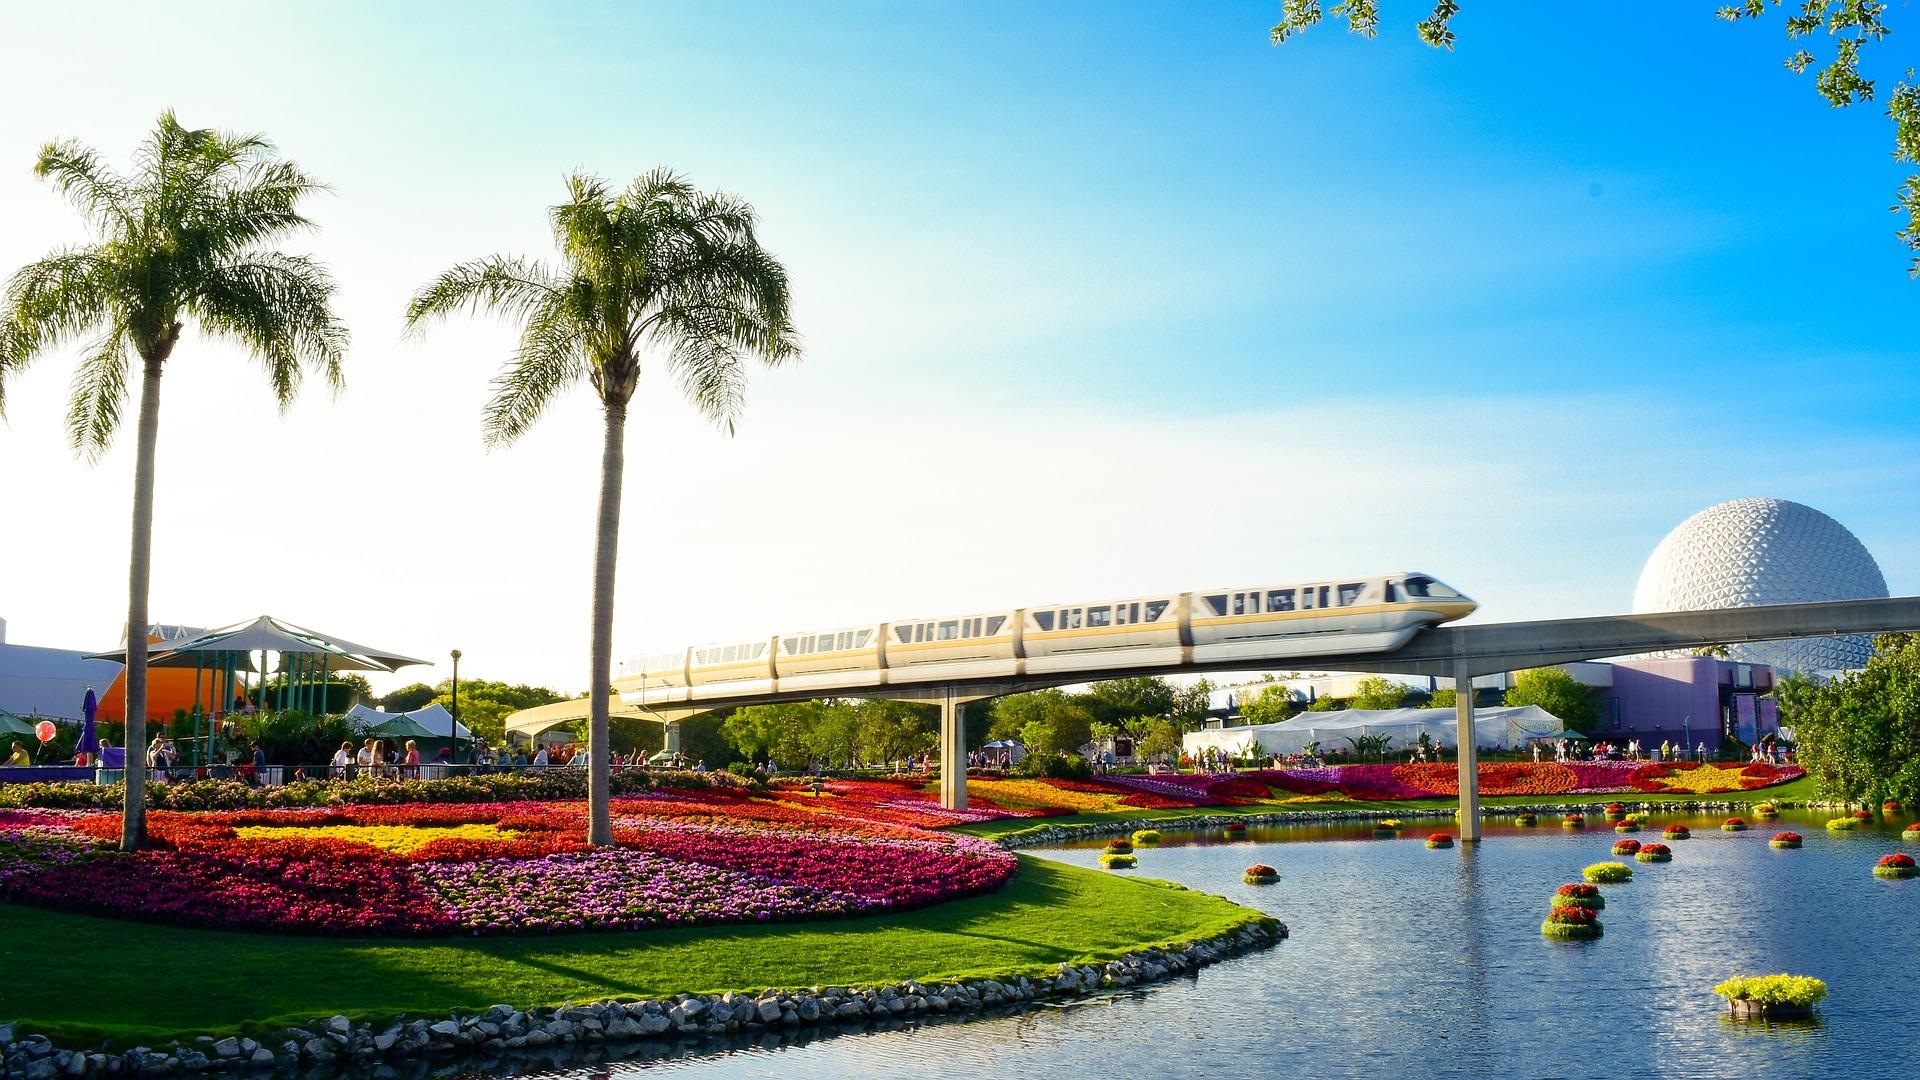 Monorail corta a paisagem de Walt Disney World Resort, em Orlando